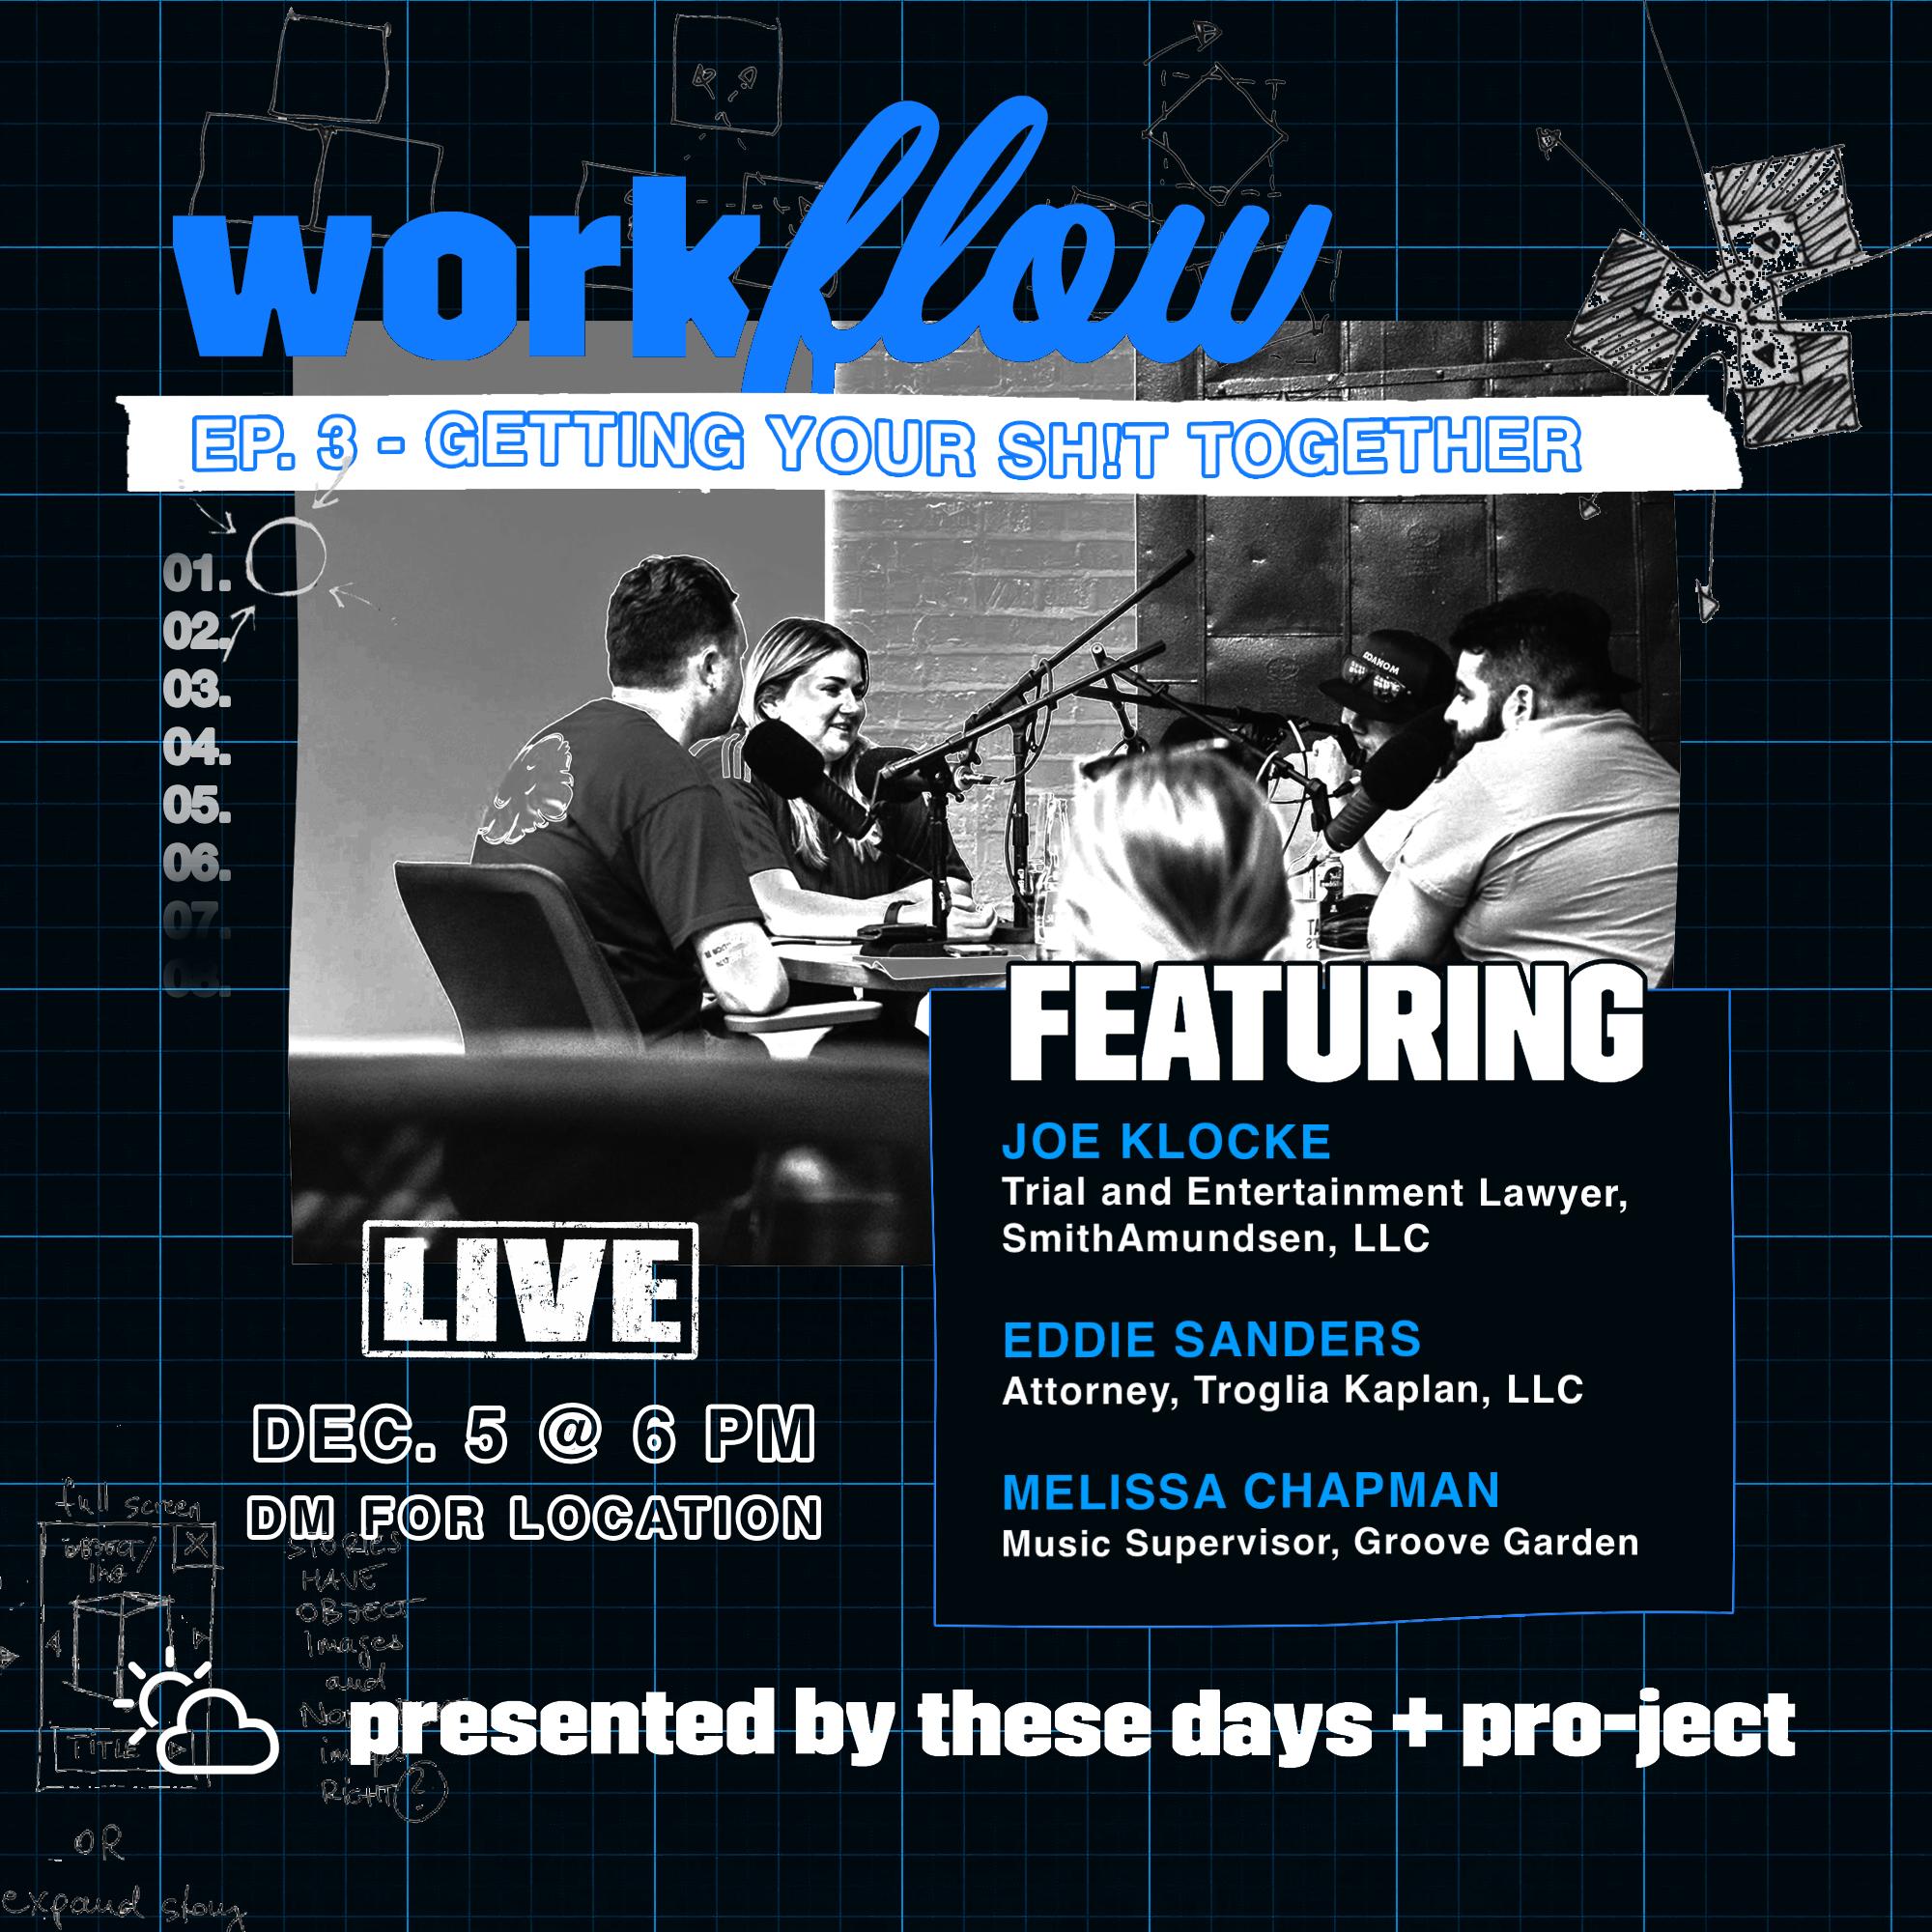 Workflow-E3-Invite.jpg